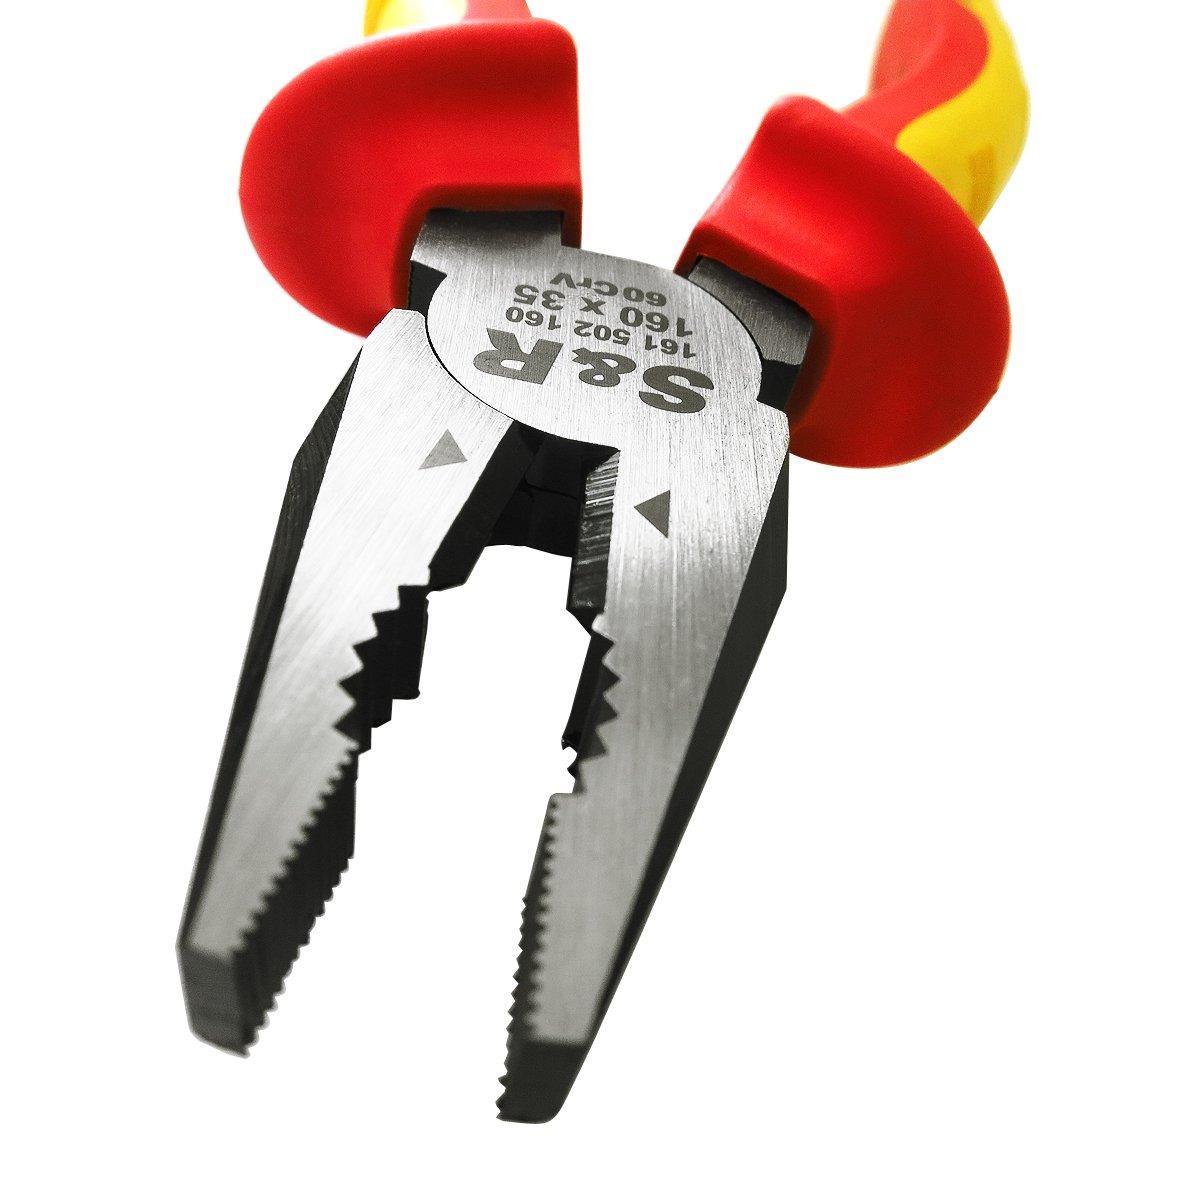 s/érie VDE test/é 1000 volt S/&R Pince d Electricien Universelle VDE 160 mm x 35 mm acier CR-V